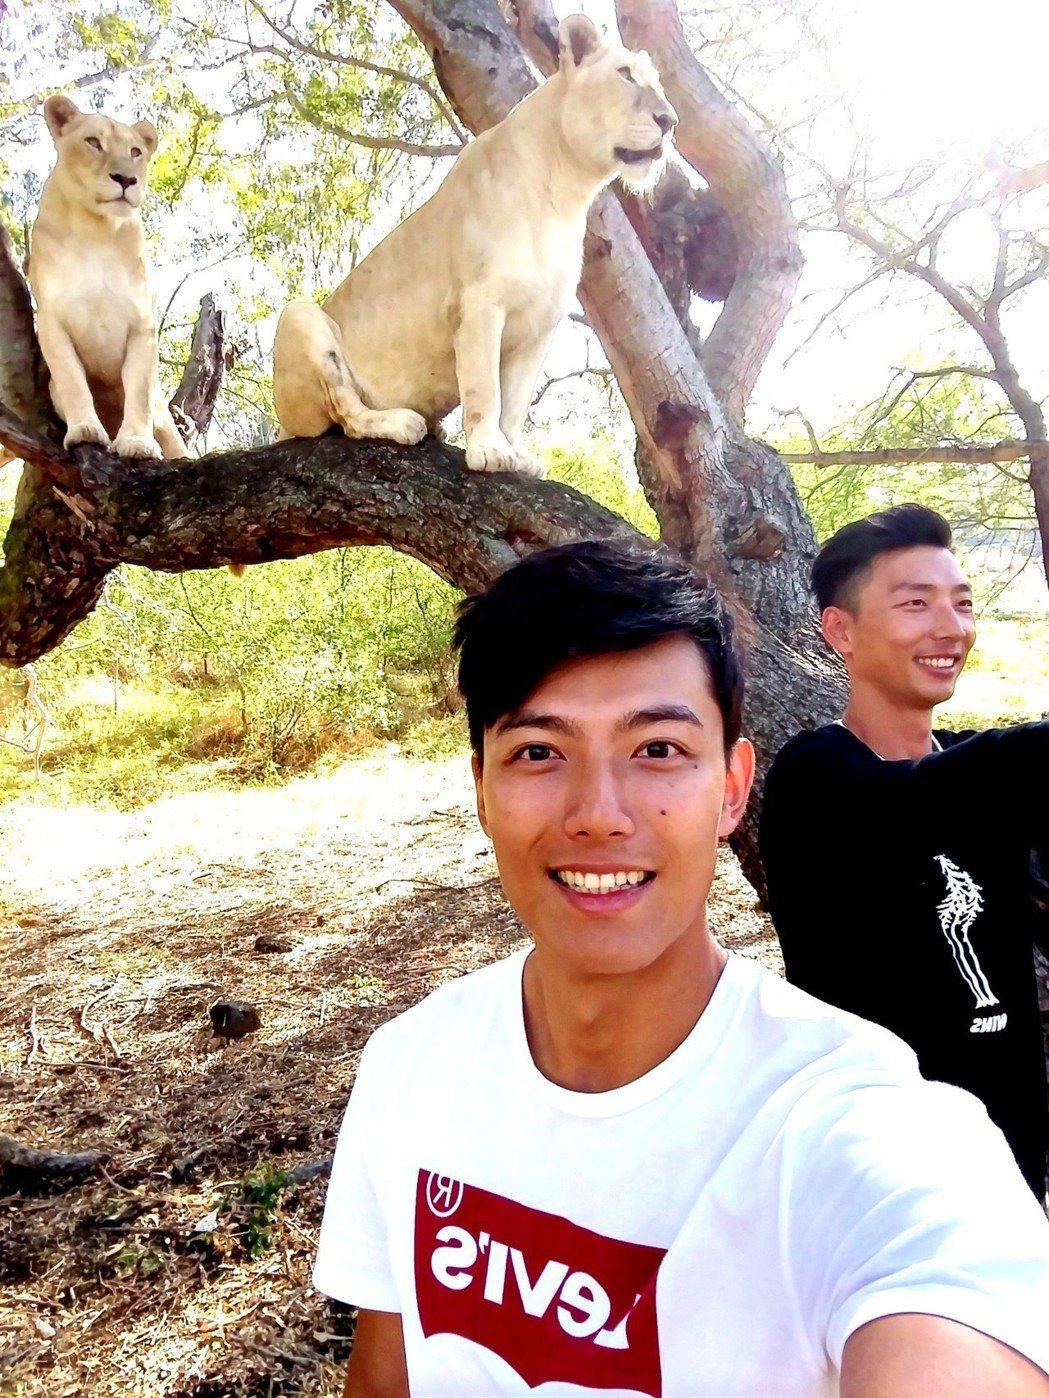 賴東賢和賴俊龍忙著跟獅子自拍。圖/三立提供